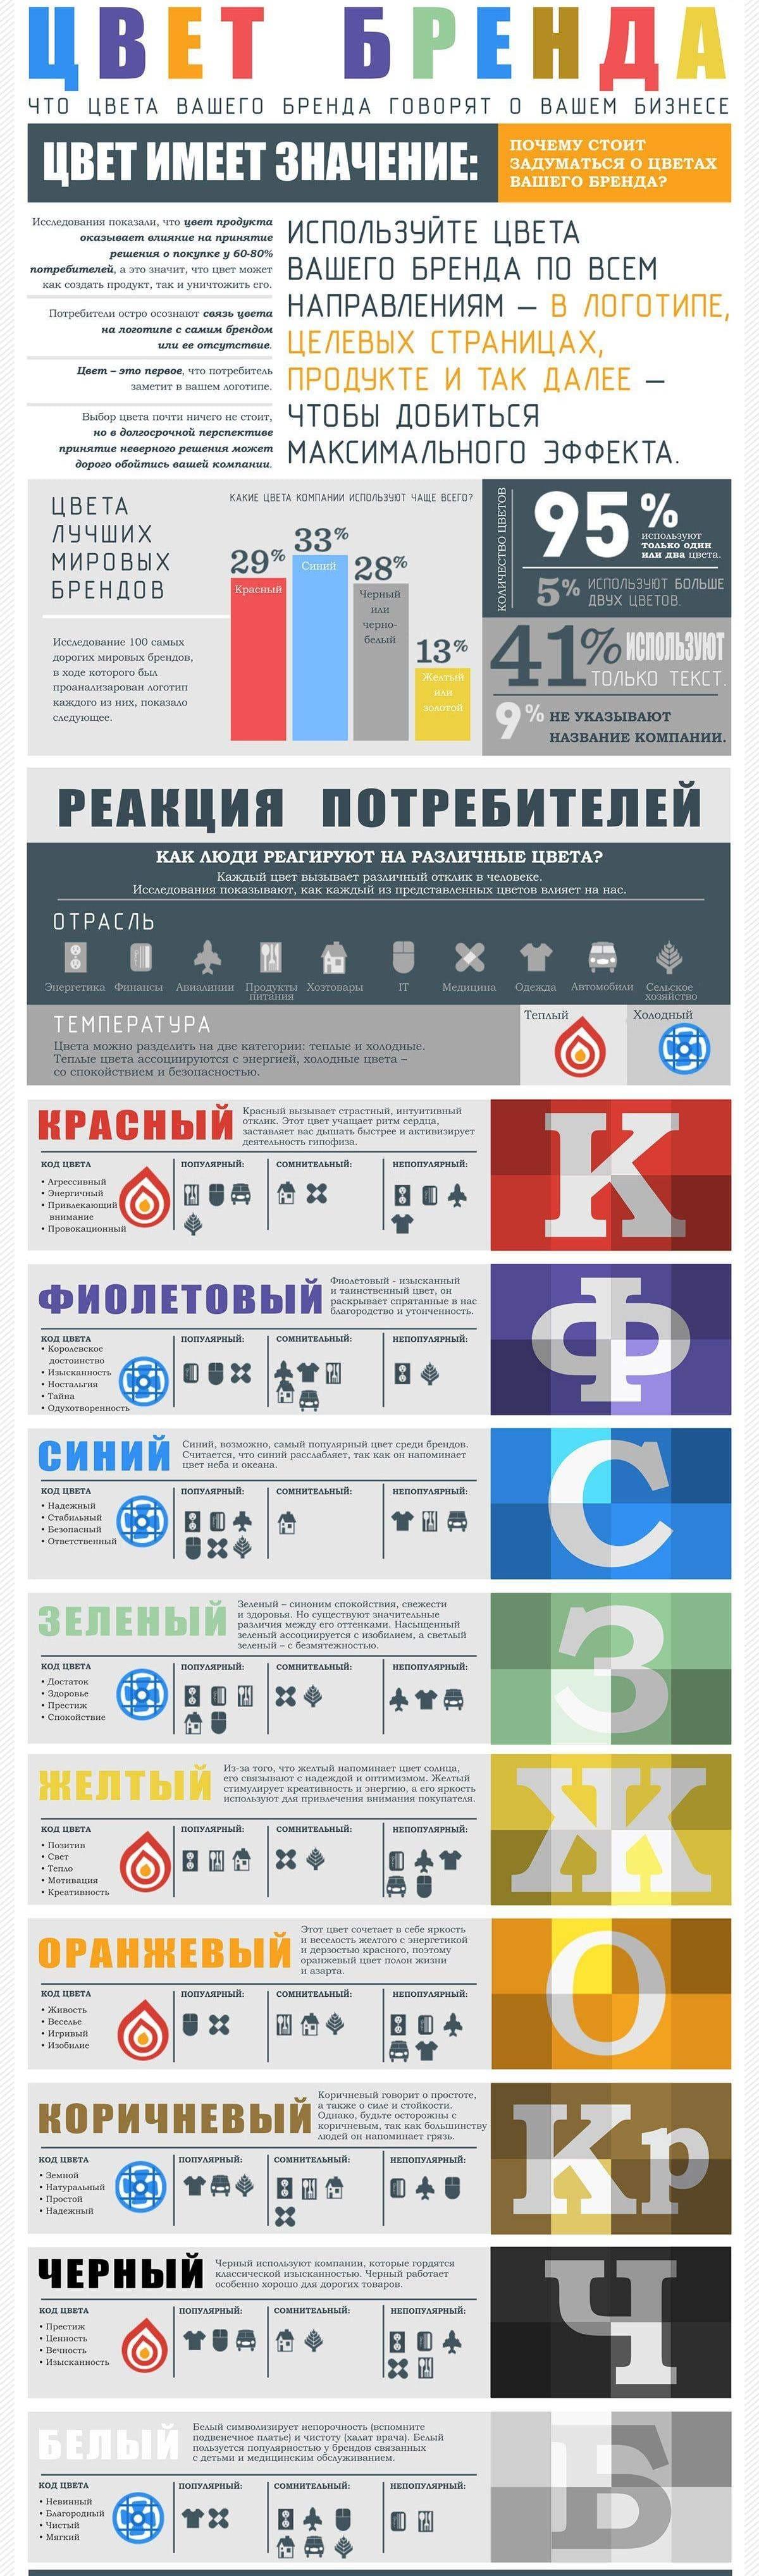 Значение цветов логотипа